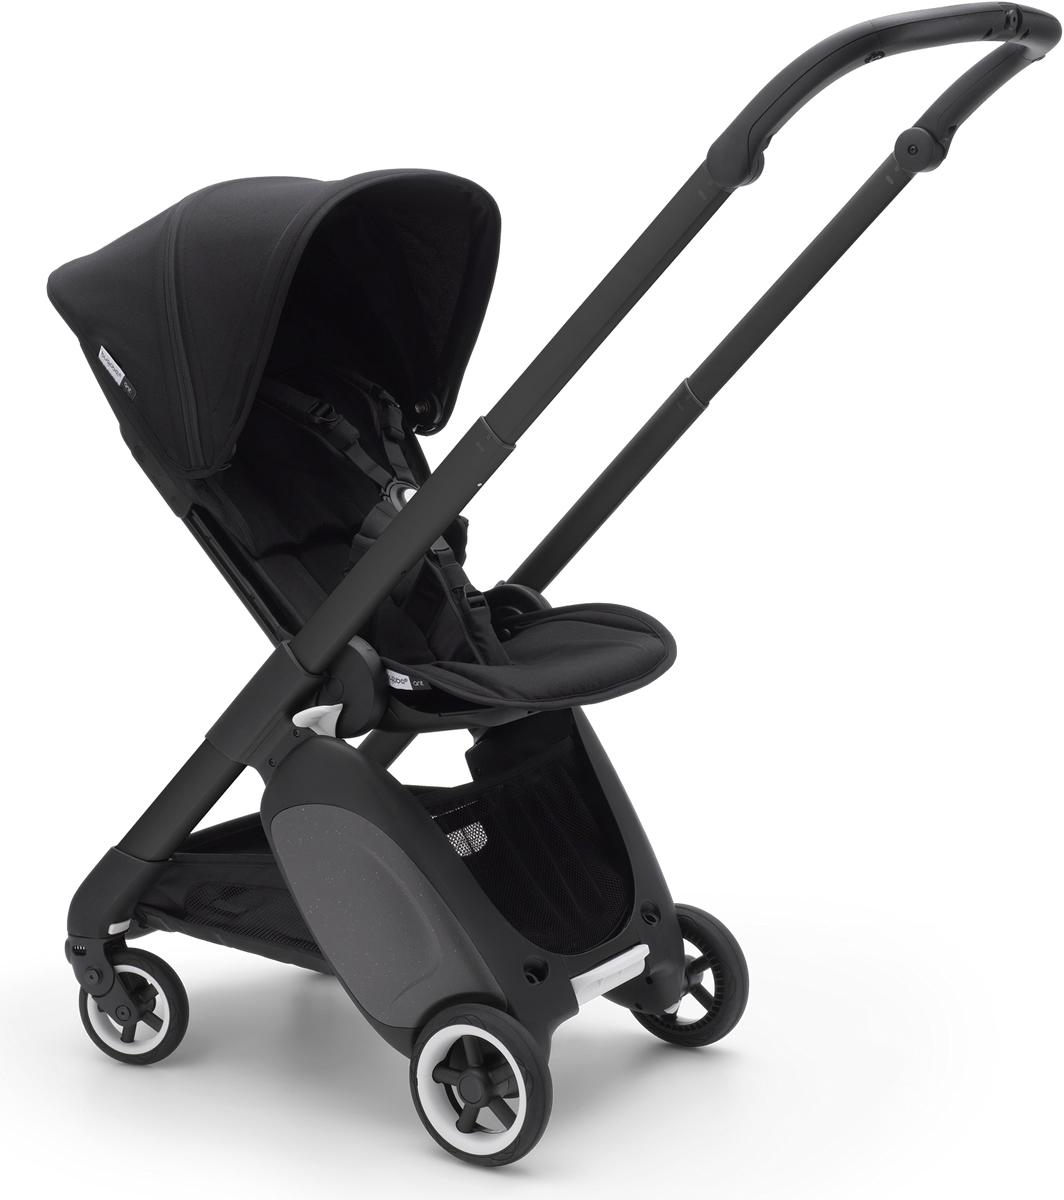 BUGABOO - Ant Stroller in Black + Black £499